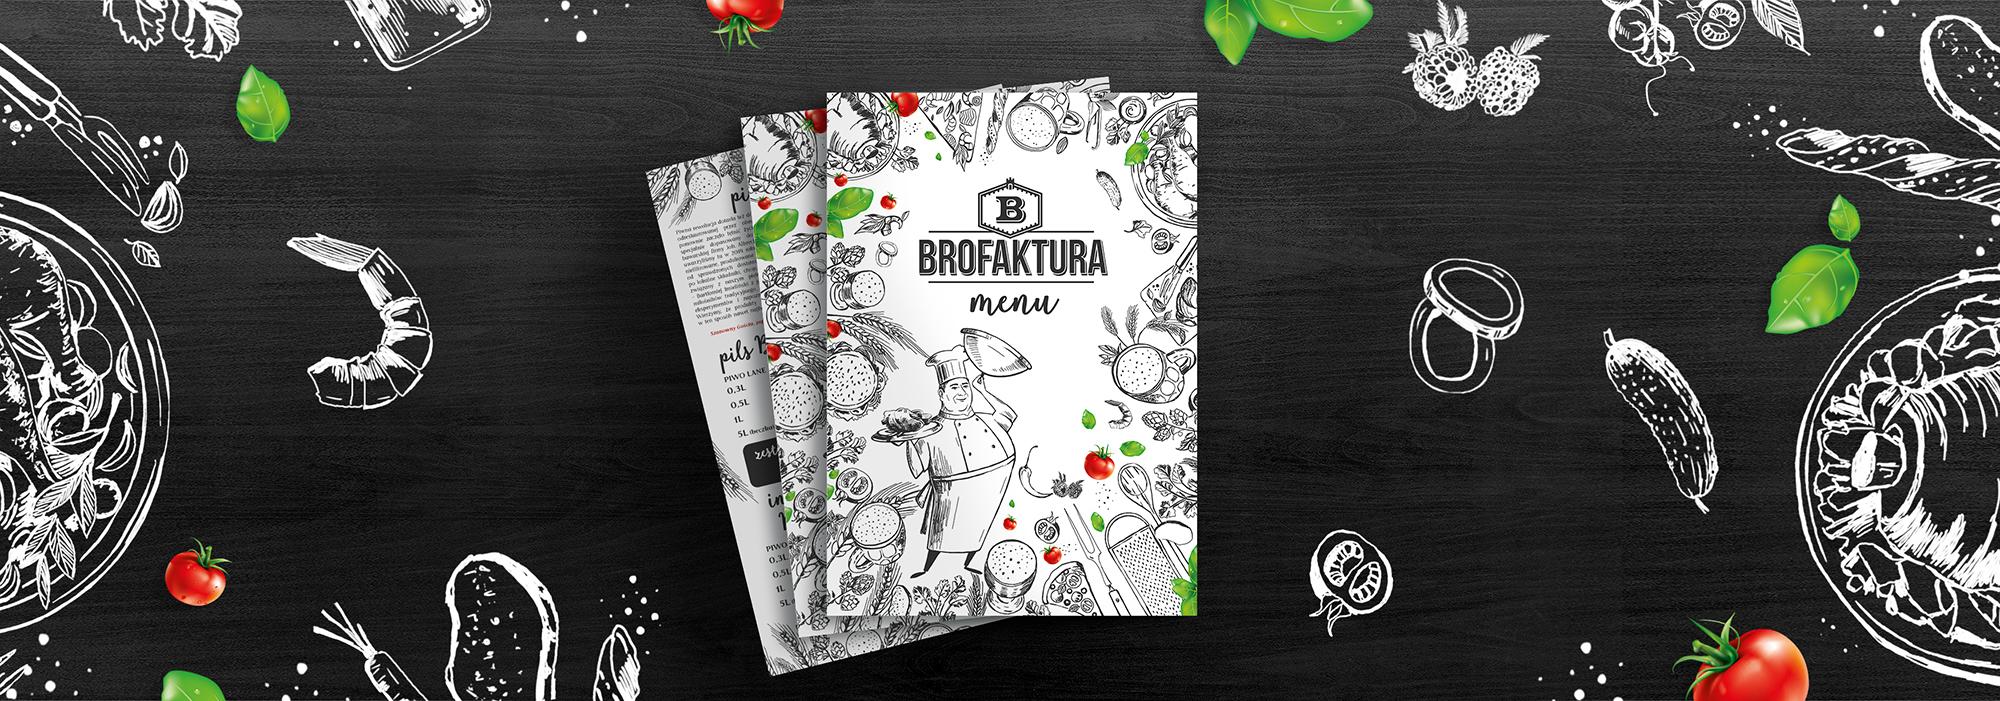 Brofaktura - Siedlecki Browar Restauracyjny 2